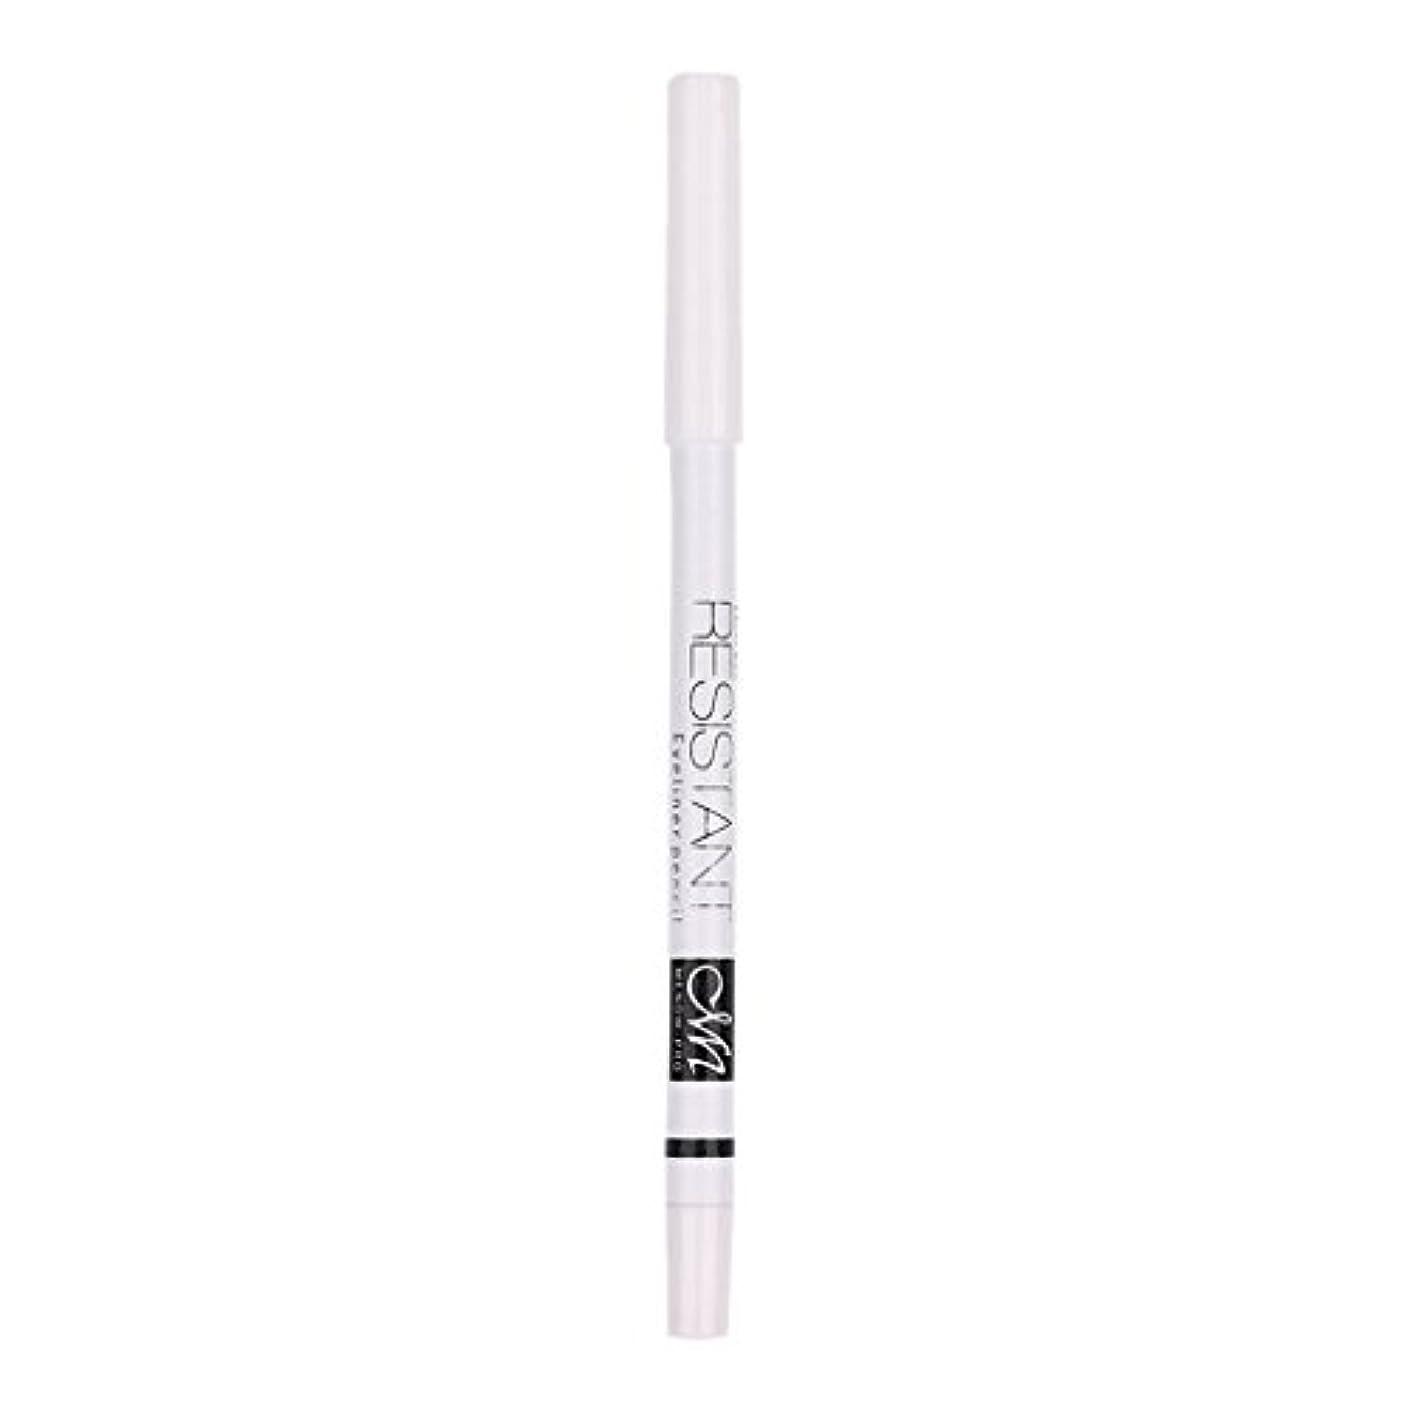 グリップ忍耐鹿美しい ハイライトスティック 粉 クリームペン 防水 顔 基礎 メイクアップ スティック ファッション おしゃれ